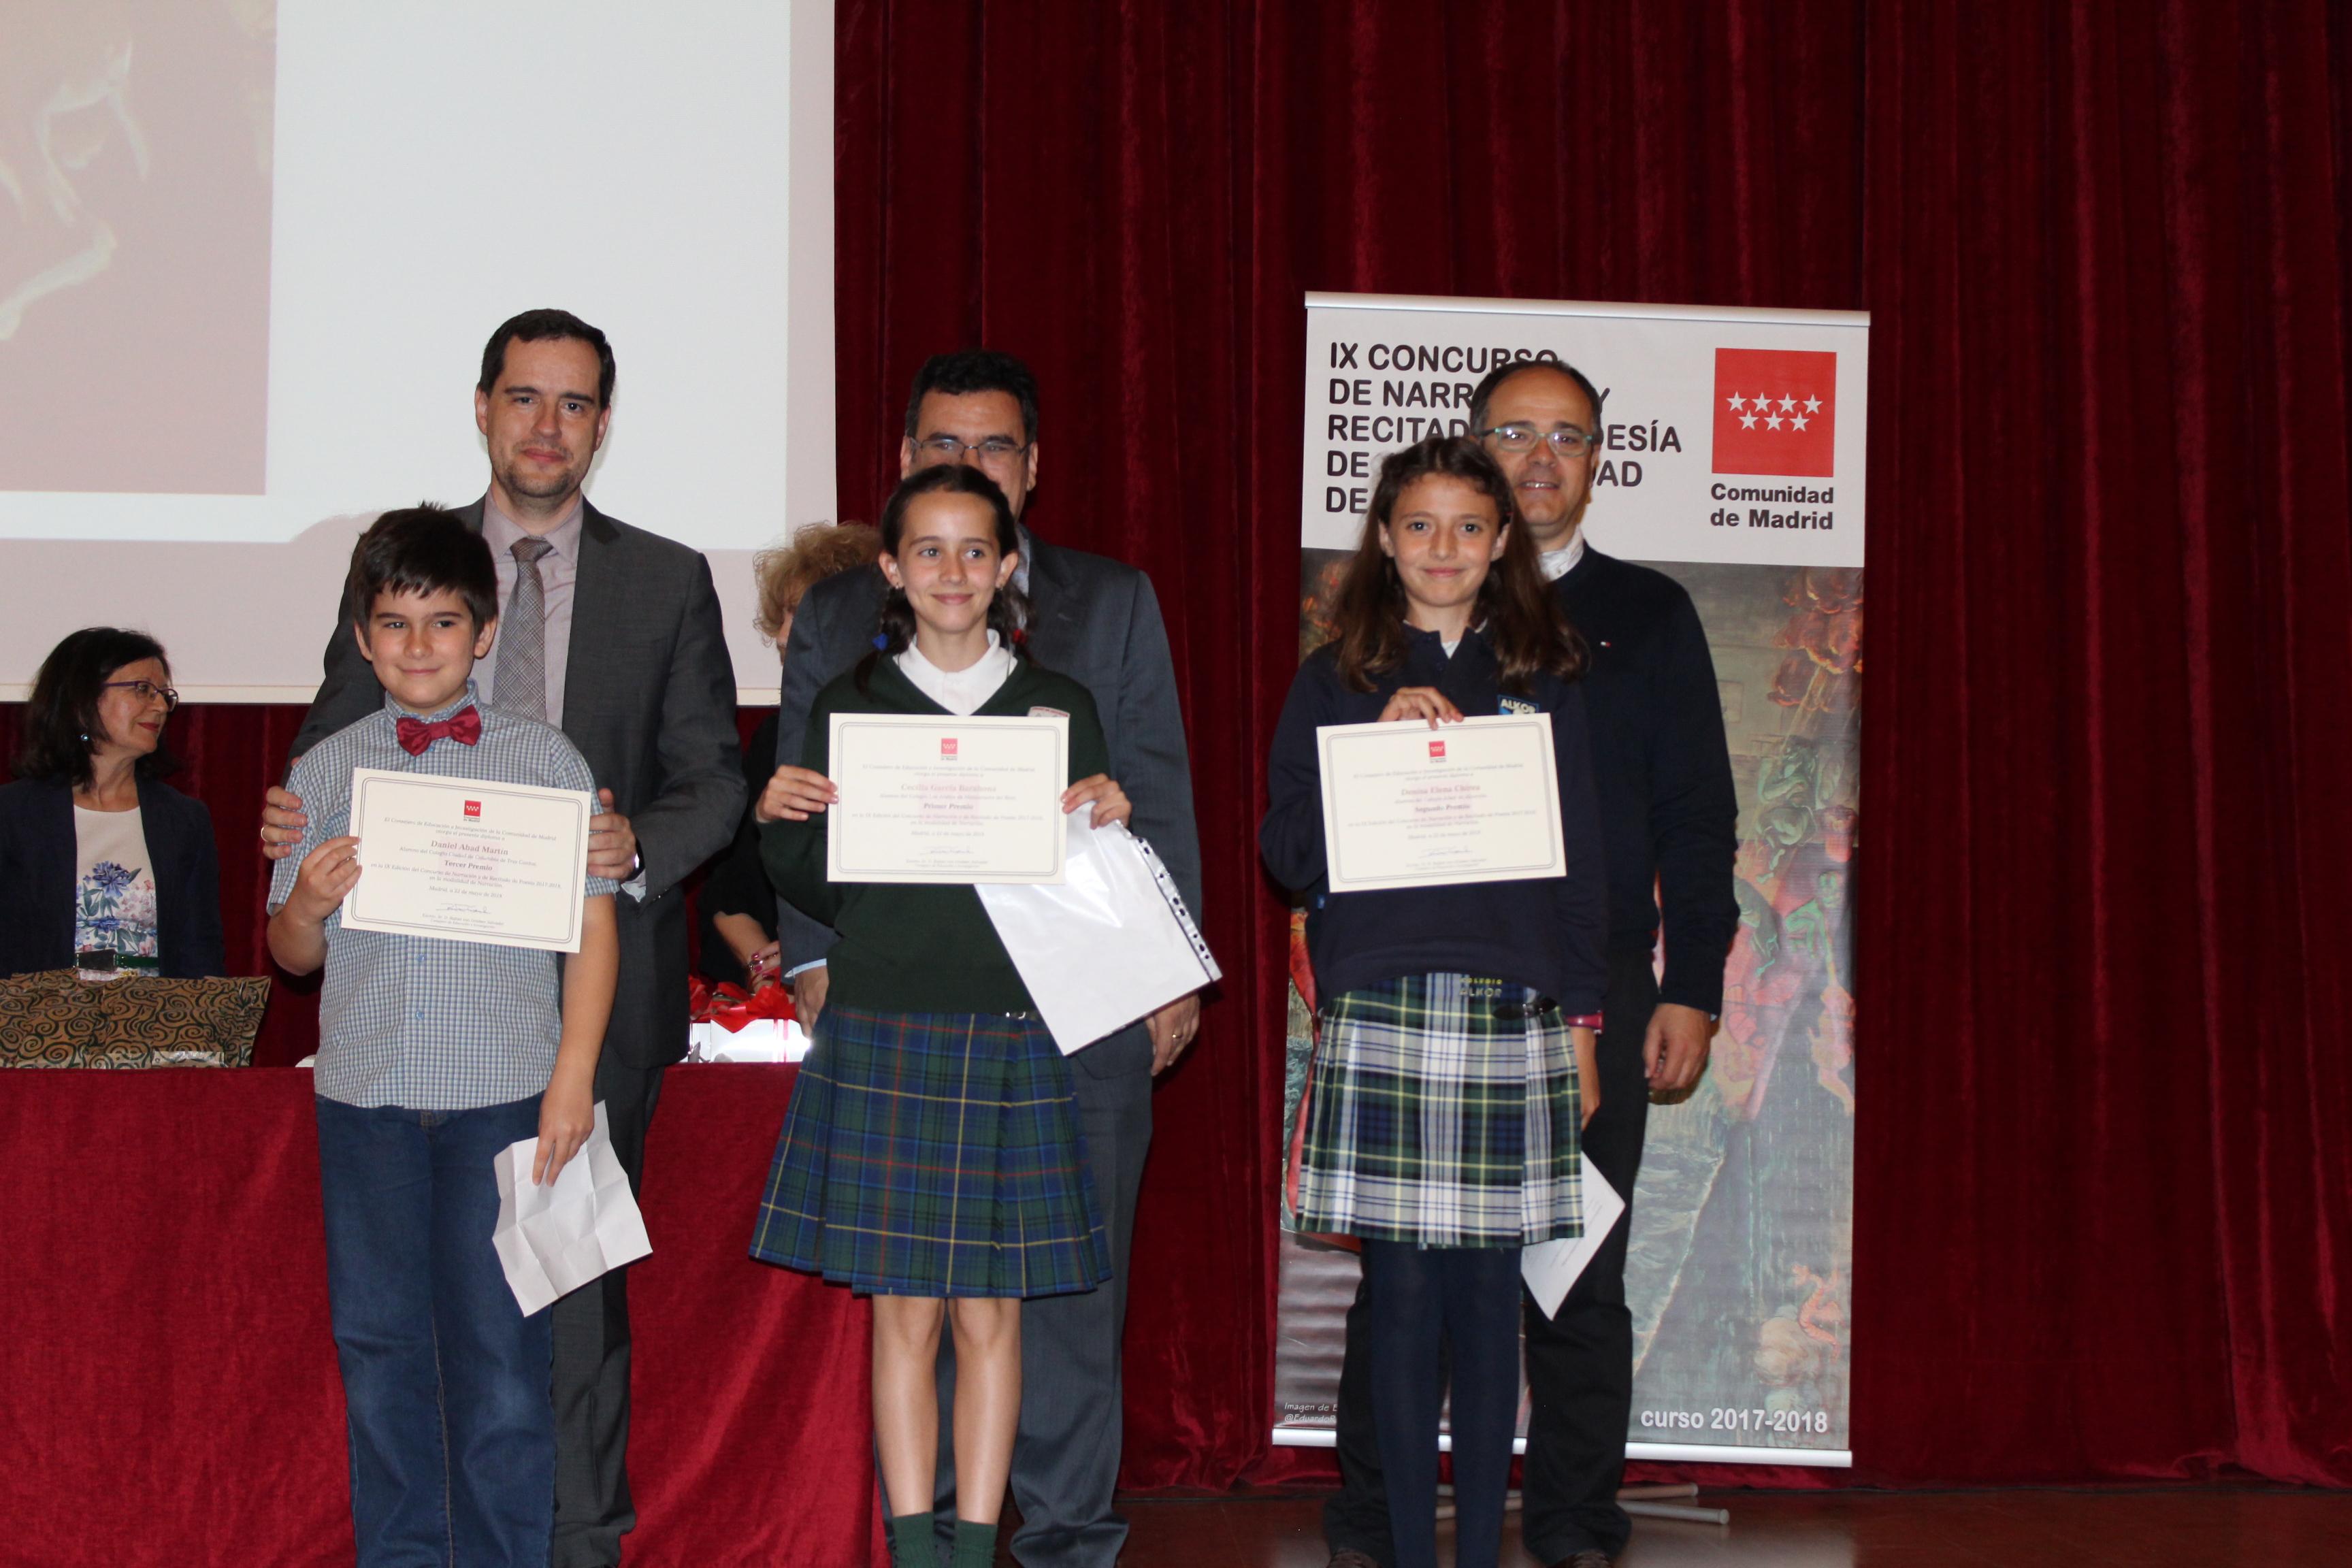 Entrega de los premios del IX Concurso de Narración y Recitado de Poesía 17